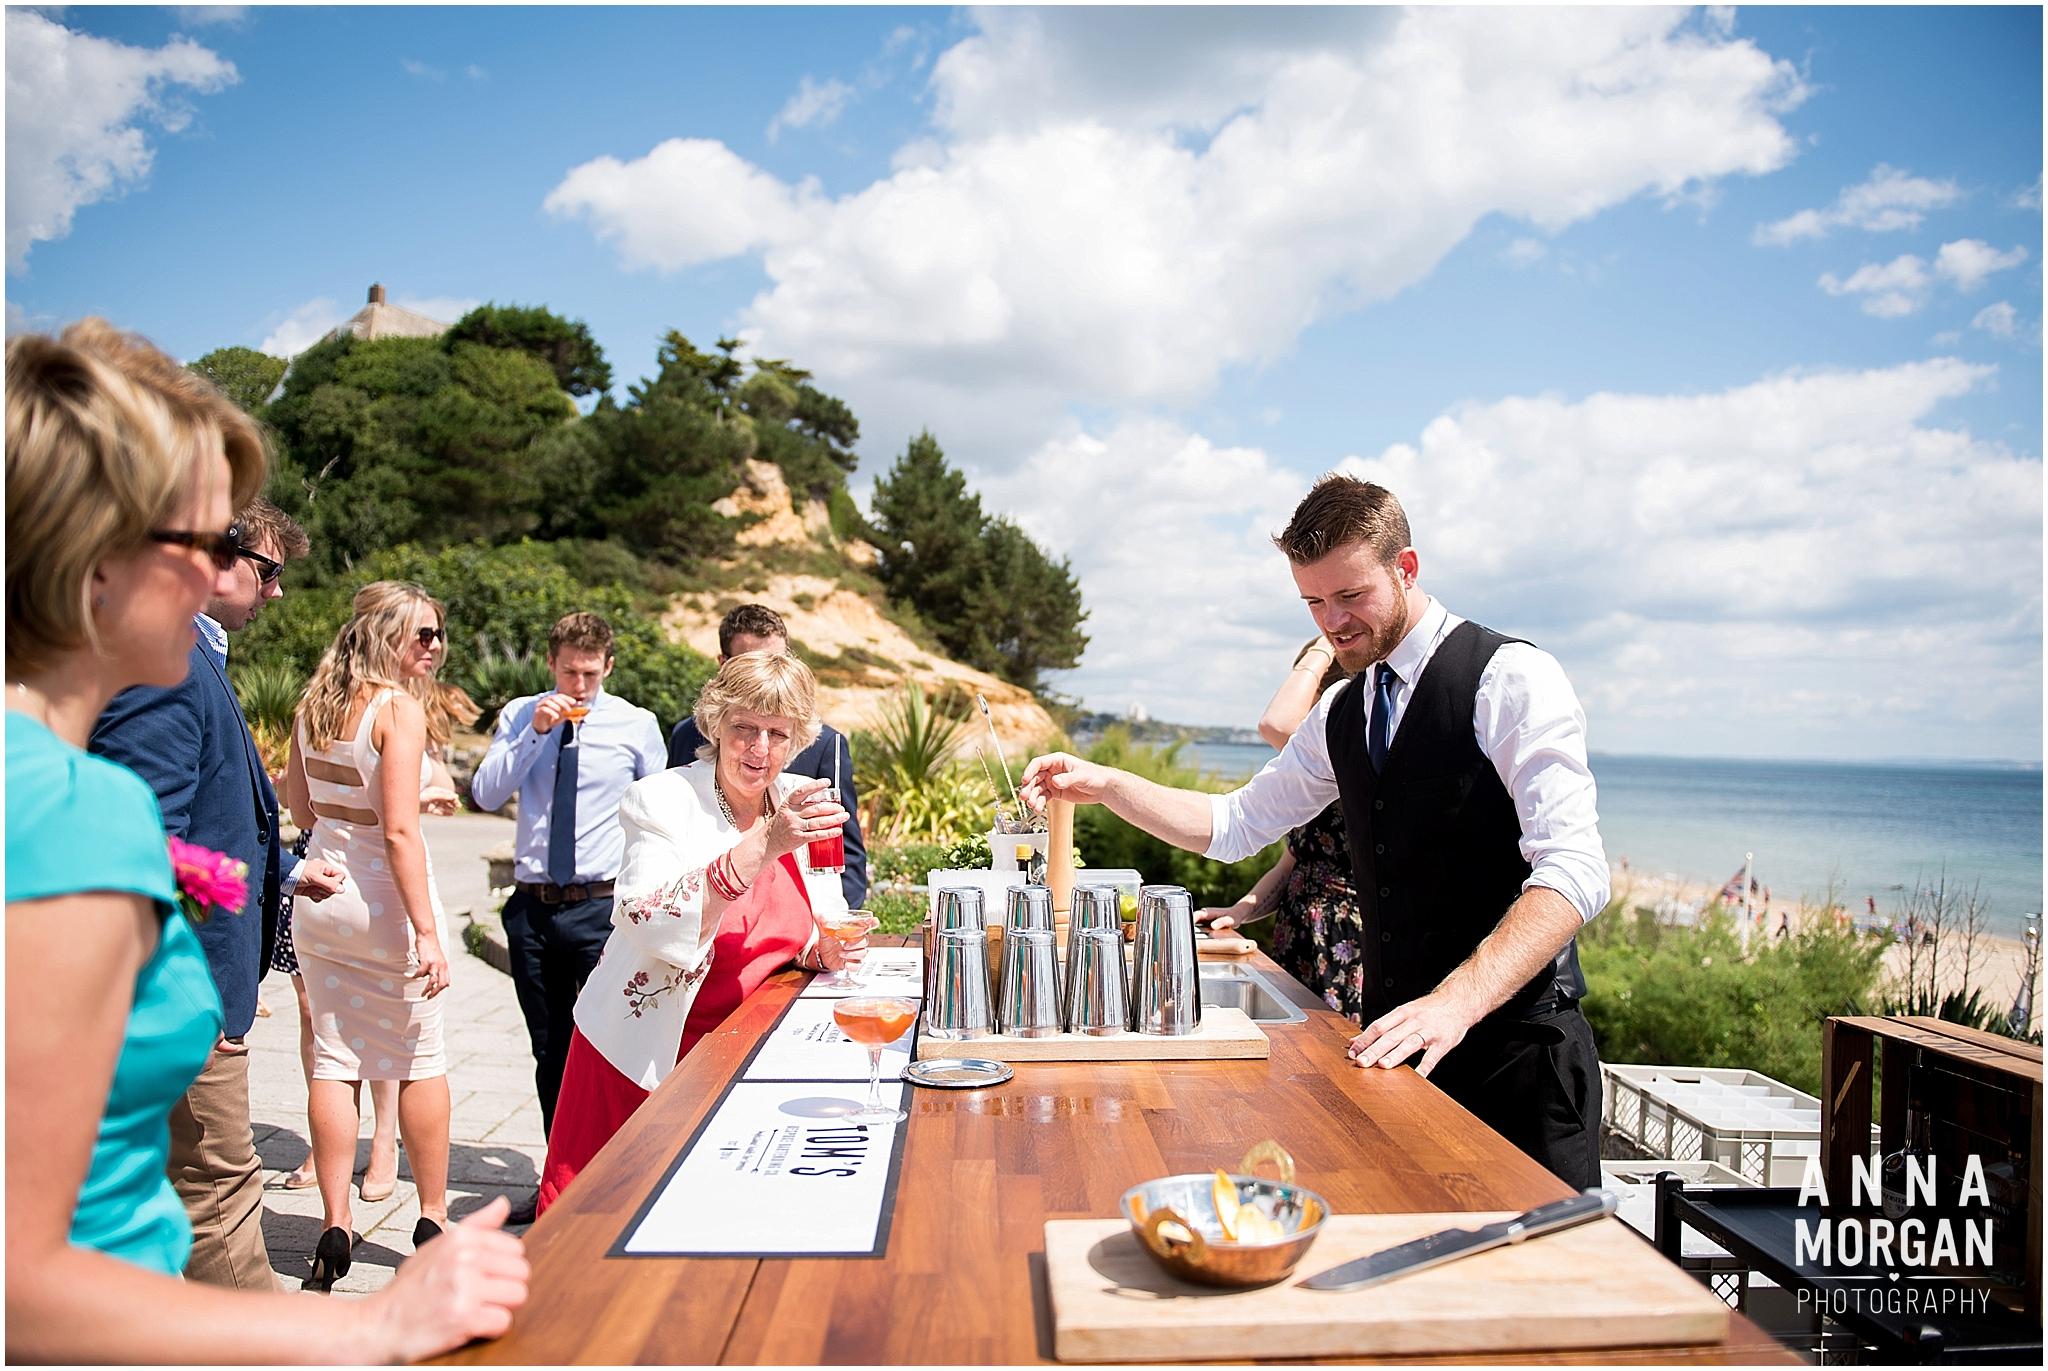 Katie & Hugh Branksome Chine beach wedding Dorset-49